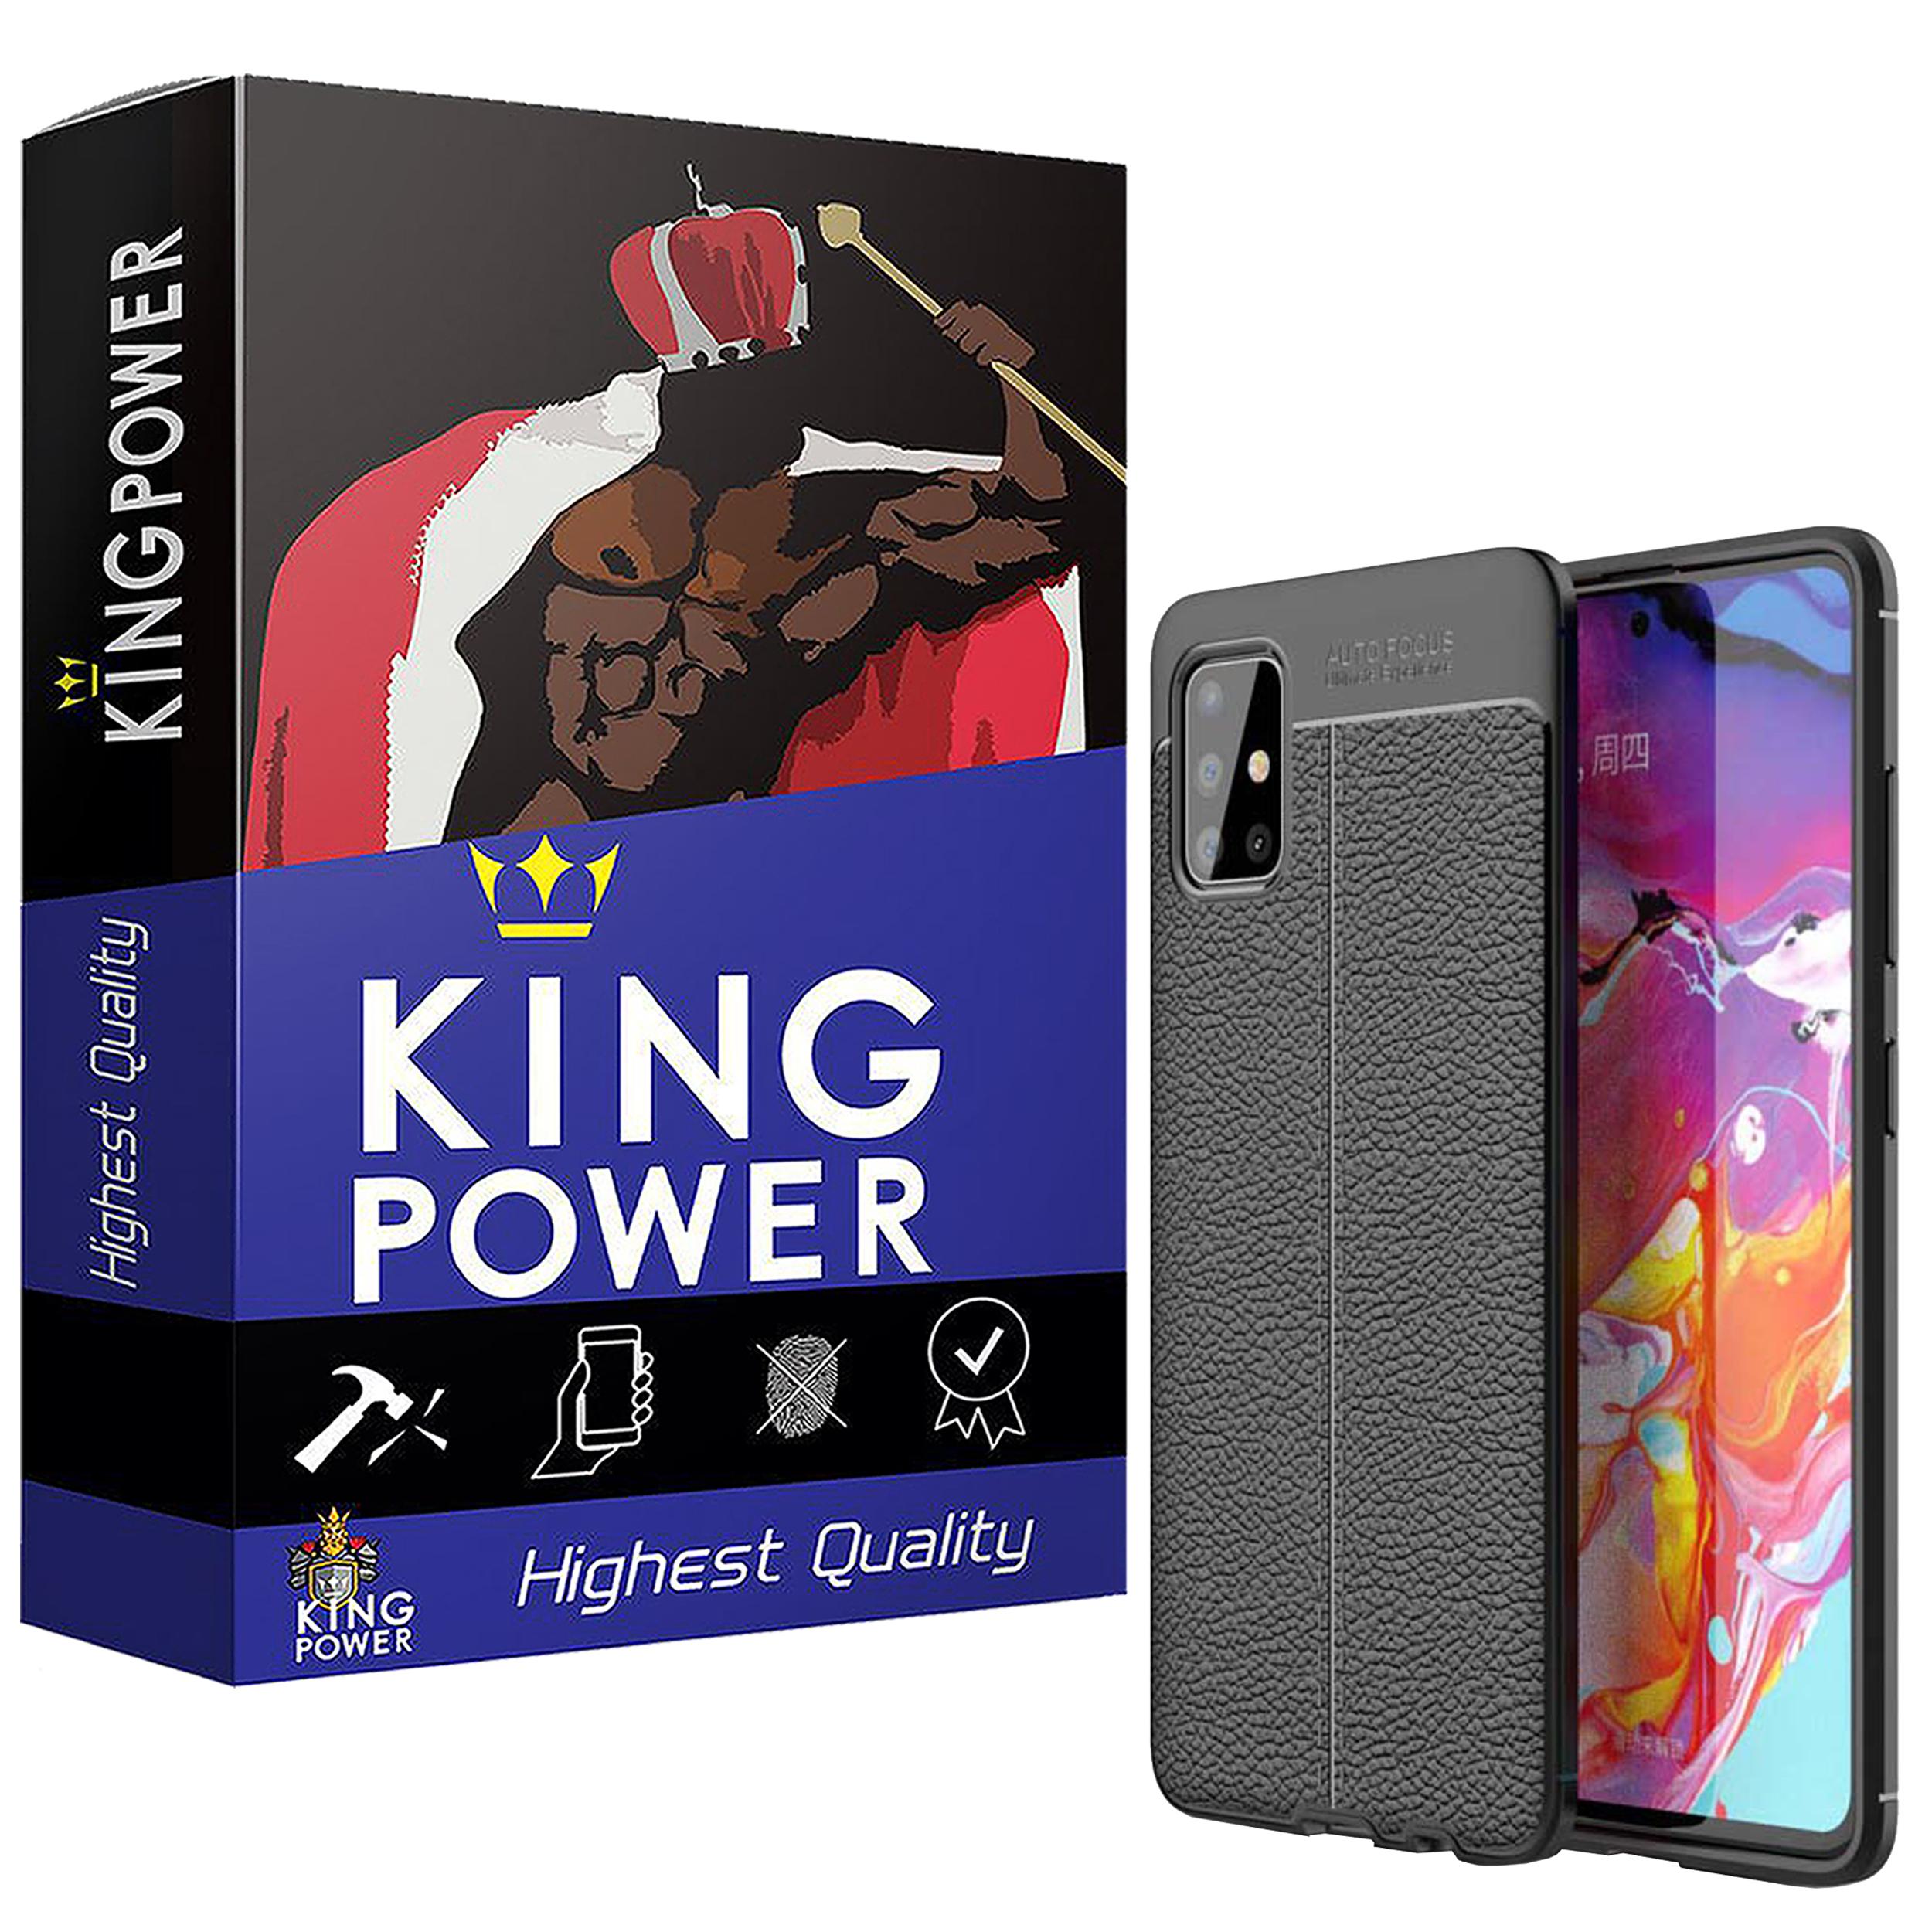 کاور کینگ پاور مدل A1F مناسب برای گوشی موبایل سامسونگ Galaxy A51